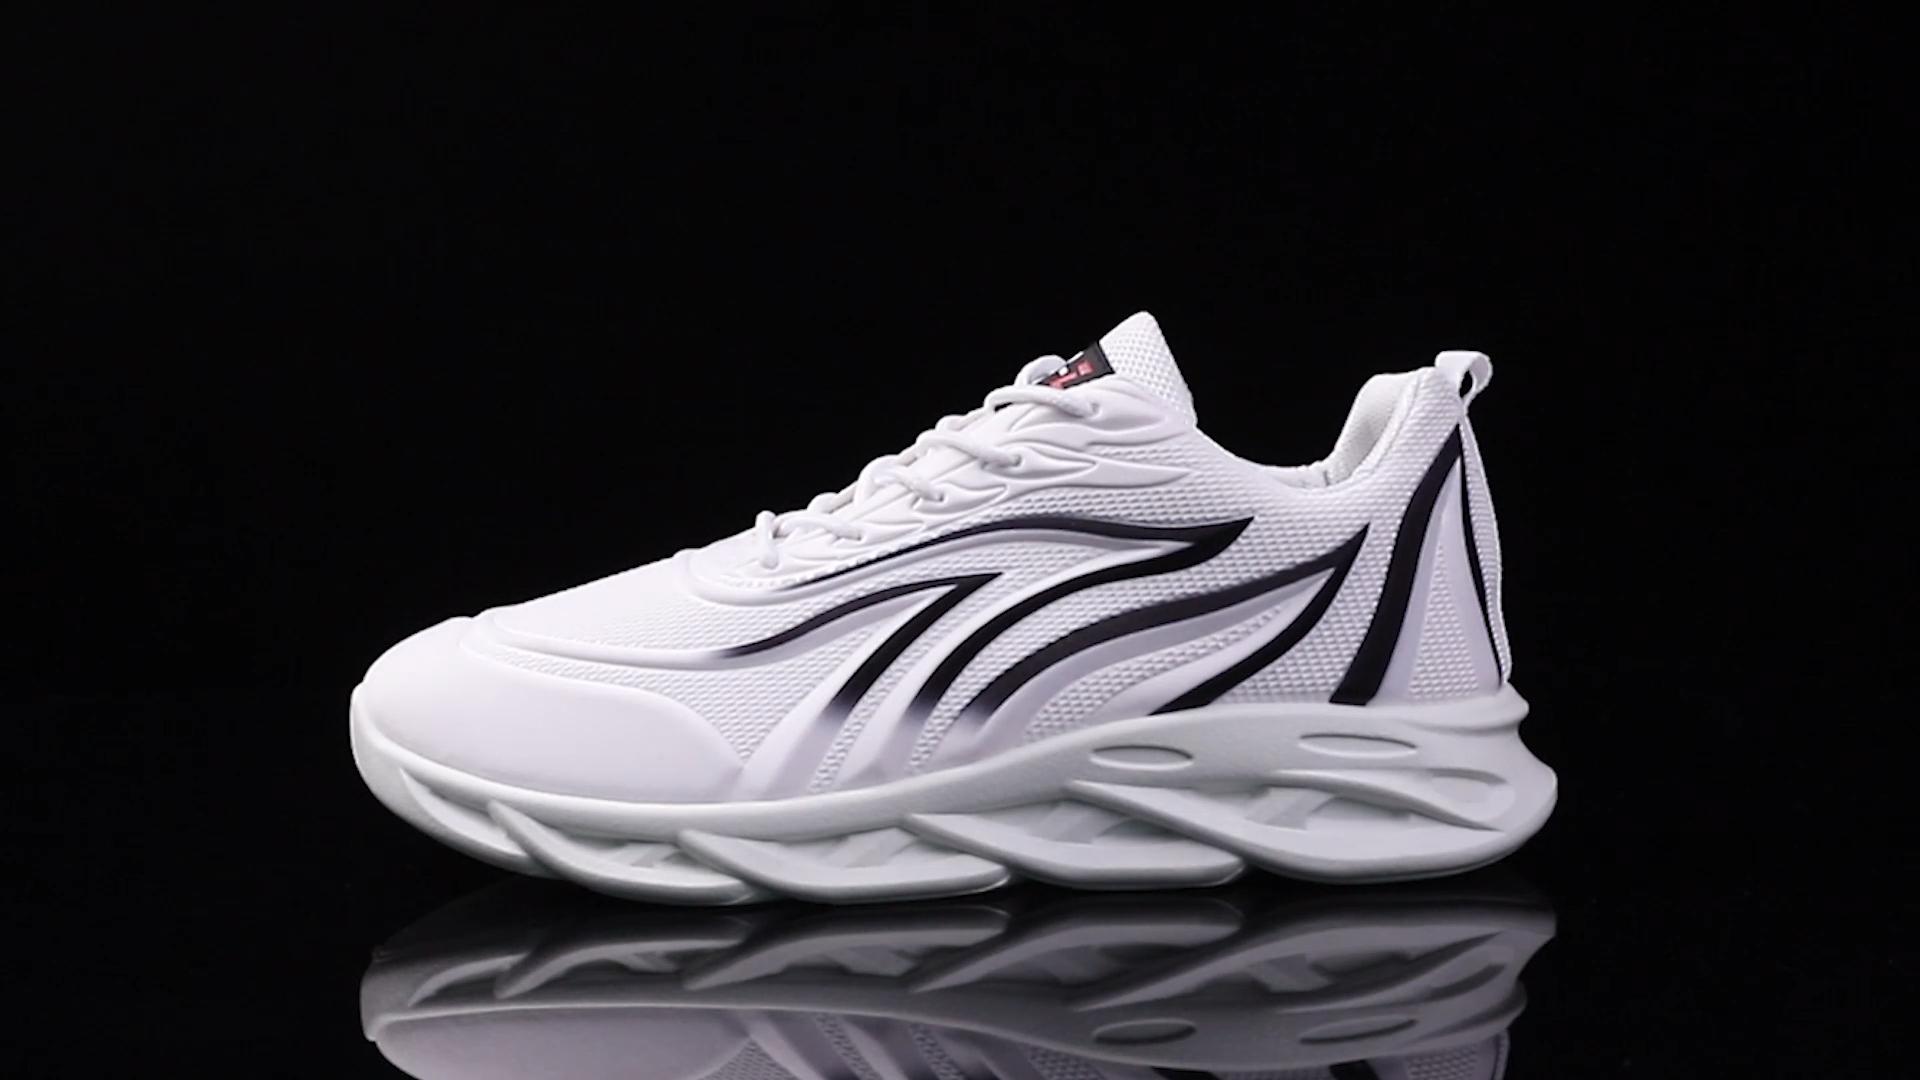 2020 мужские дизайнерские кроссовки на заказ, модная обувь на каждый день для мужчин